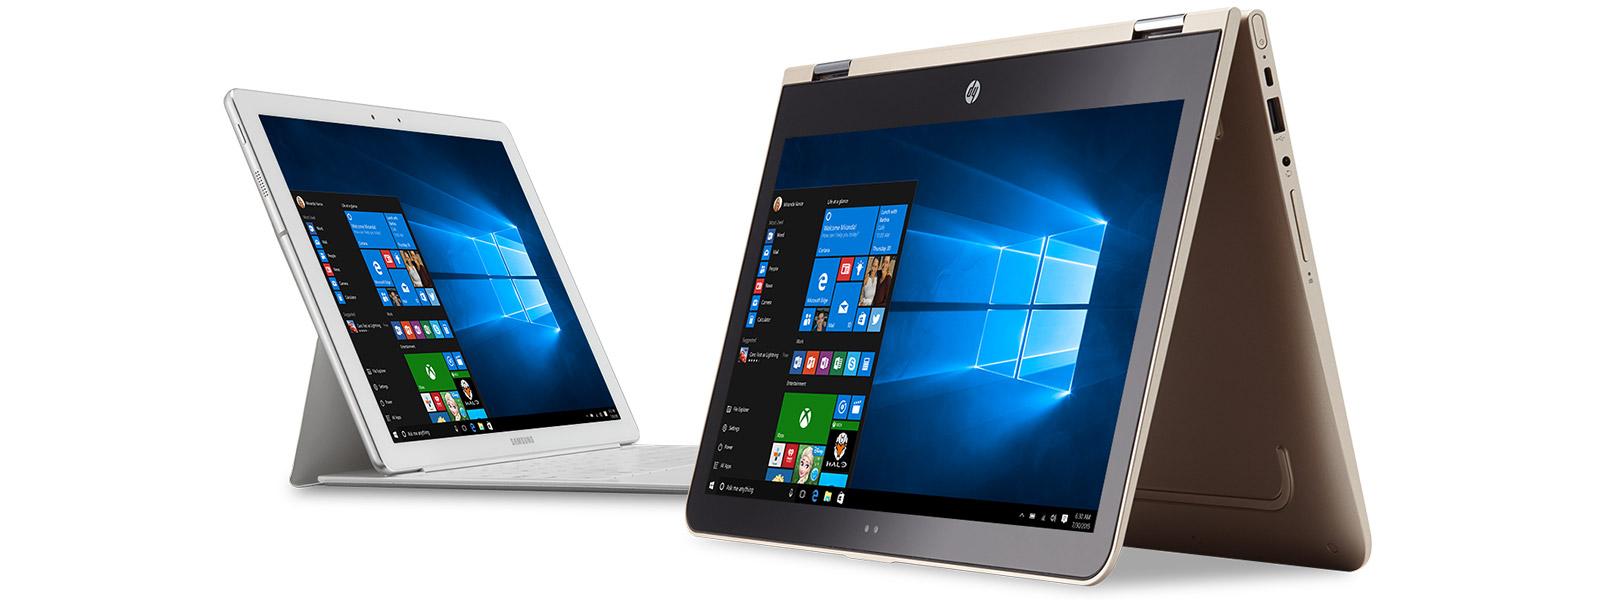 Microsoft ierīces ar Windows sākuma izvēlni